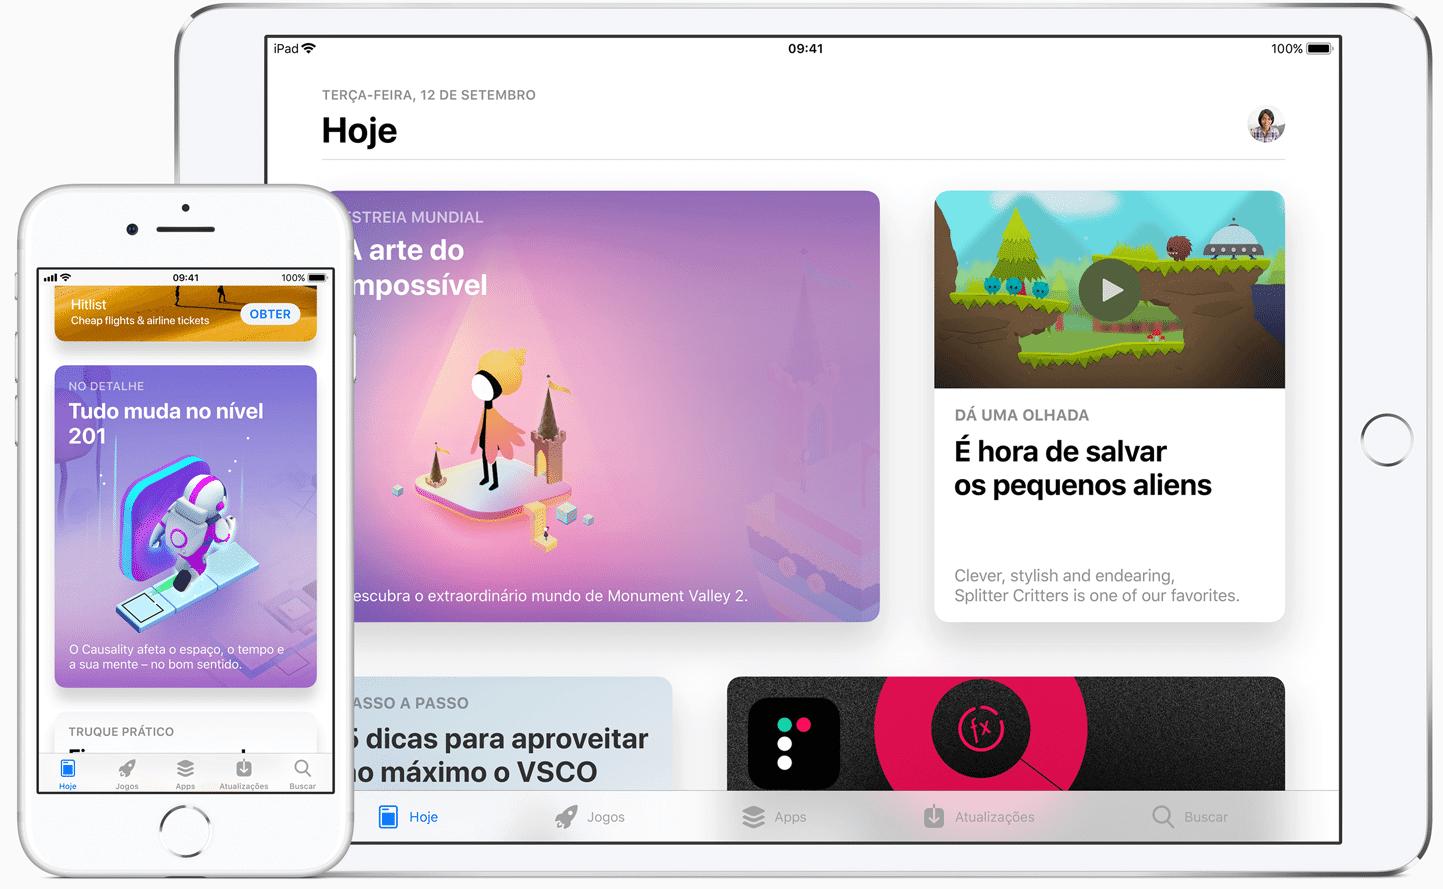 app store - Oficial! Apple vai passar a cobrar em real compras feitas na App Store